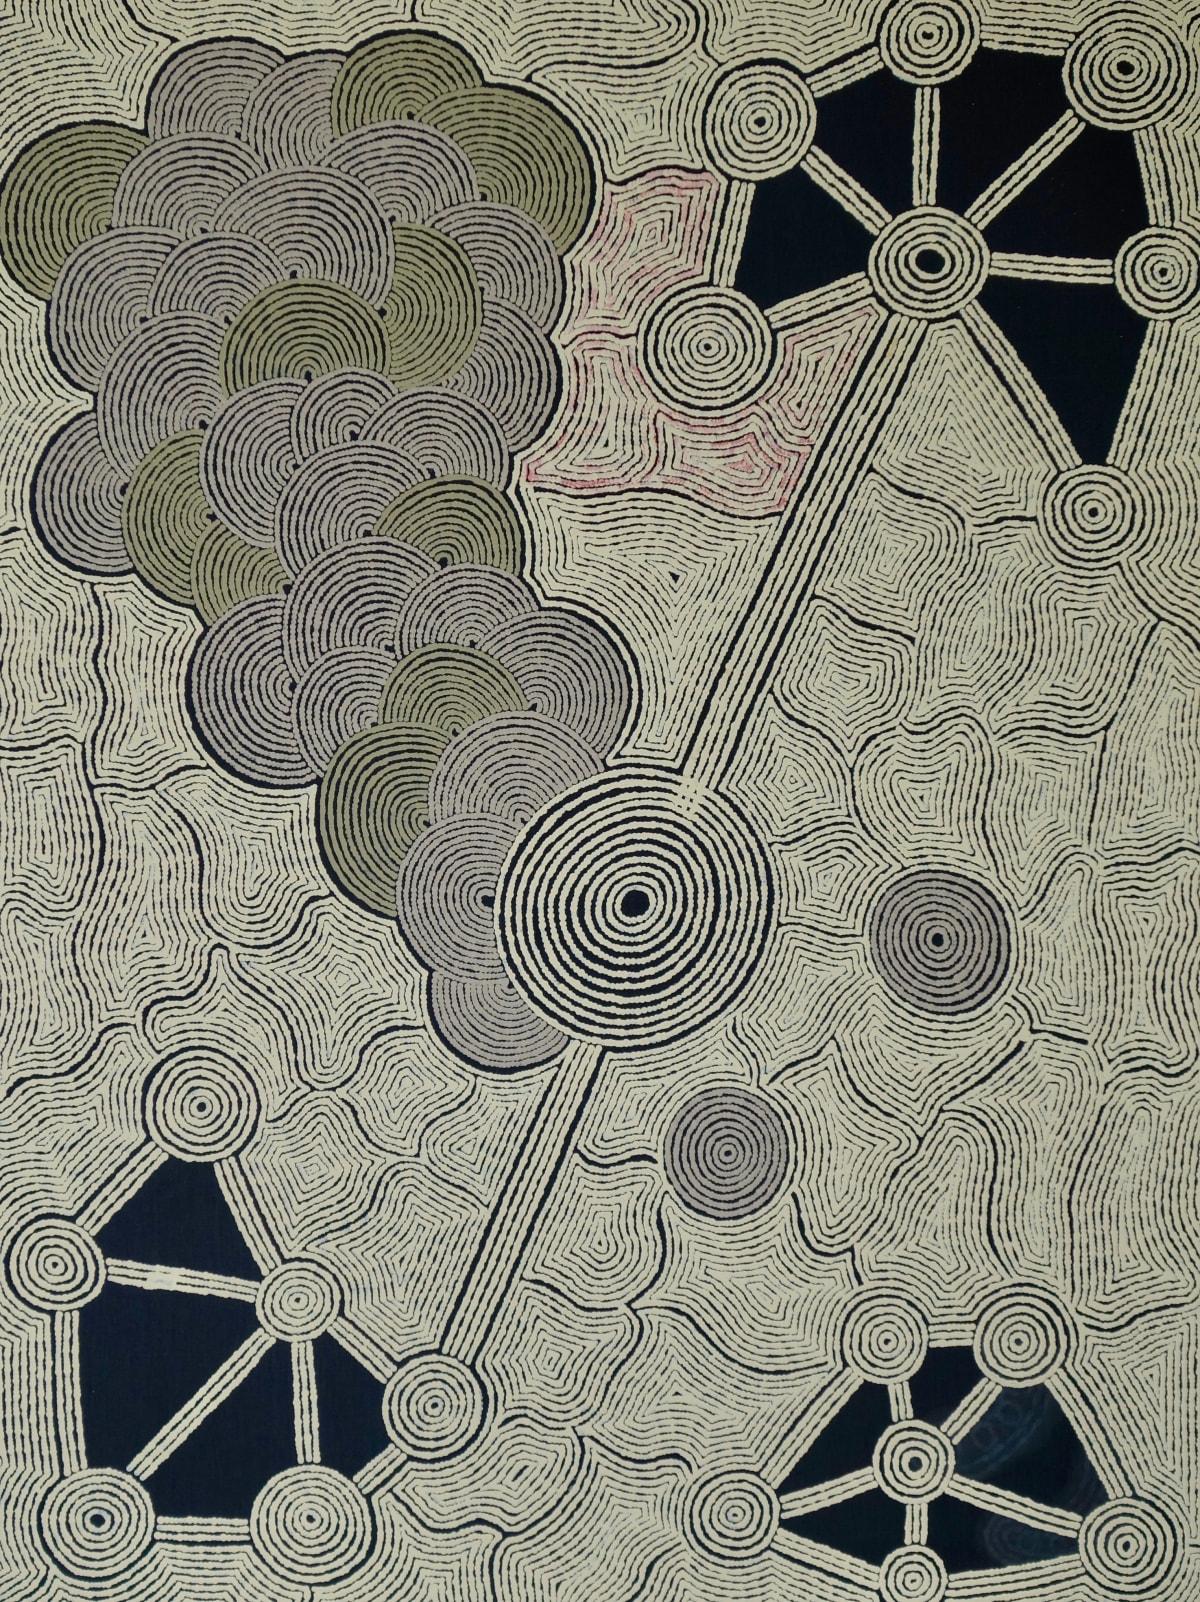 Alison Anderson Uluruba acrylic on linen 122 x 92 cm